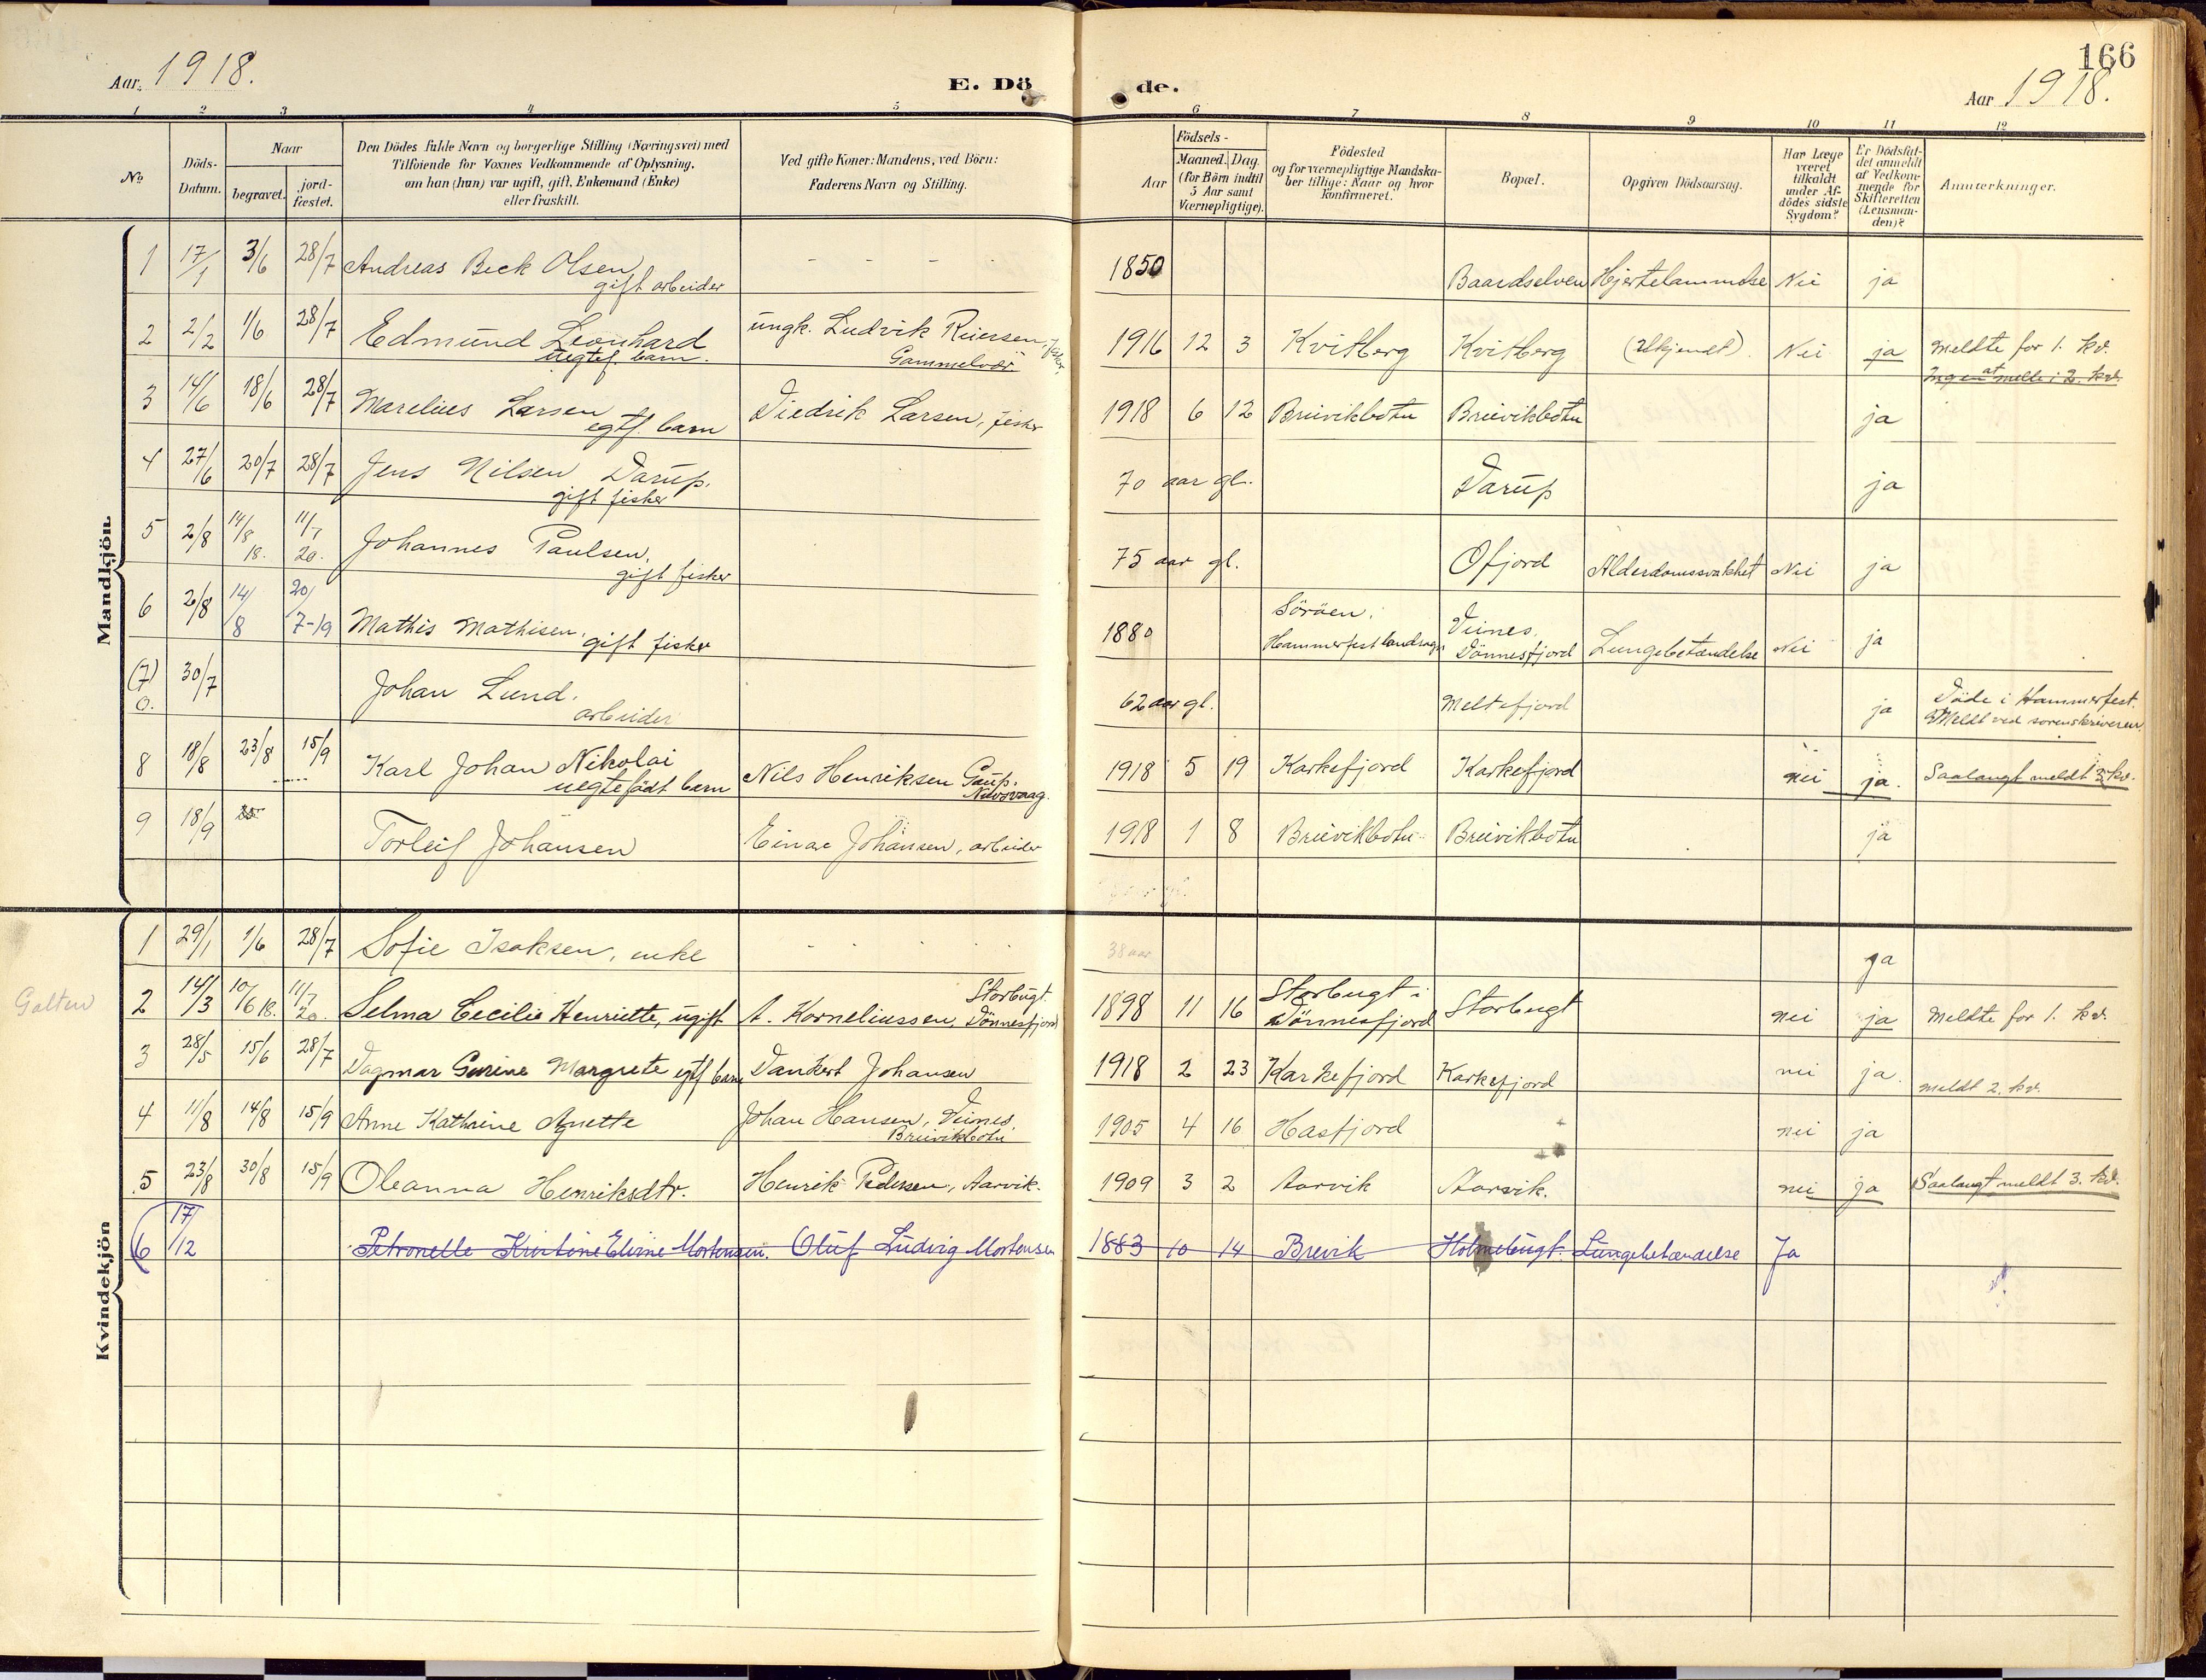 SATØ, Loppa sokneprestkontor, H/Ha/L0010kirke: Ministerialbok nr. 10, 1907-1922, s. 166